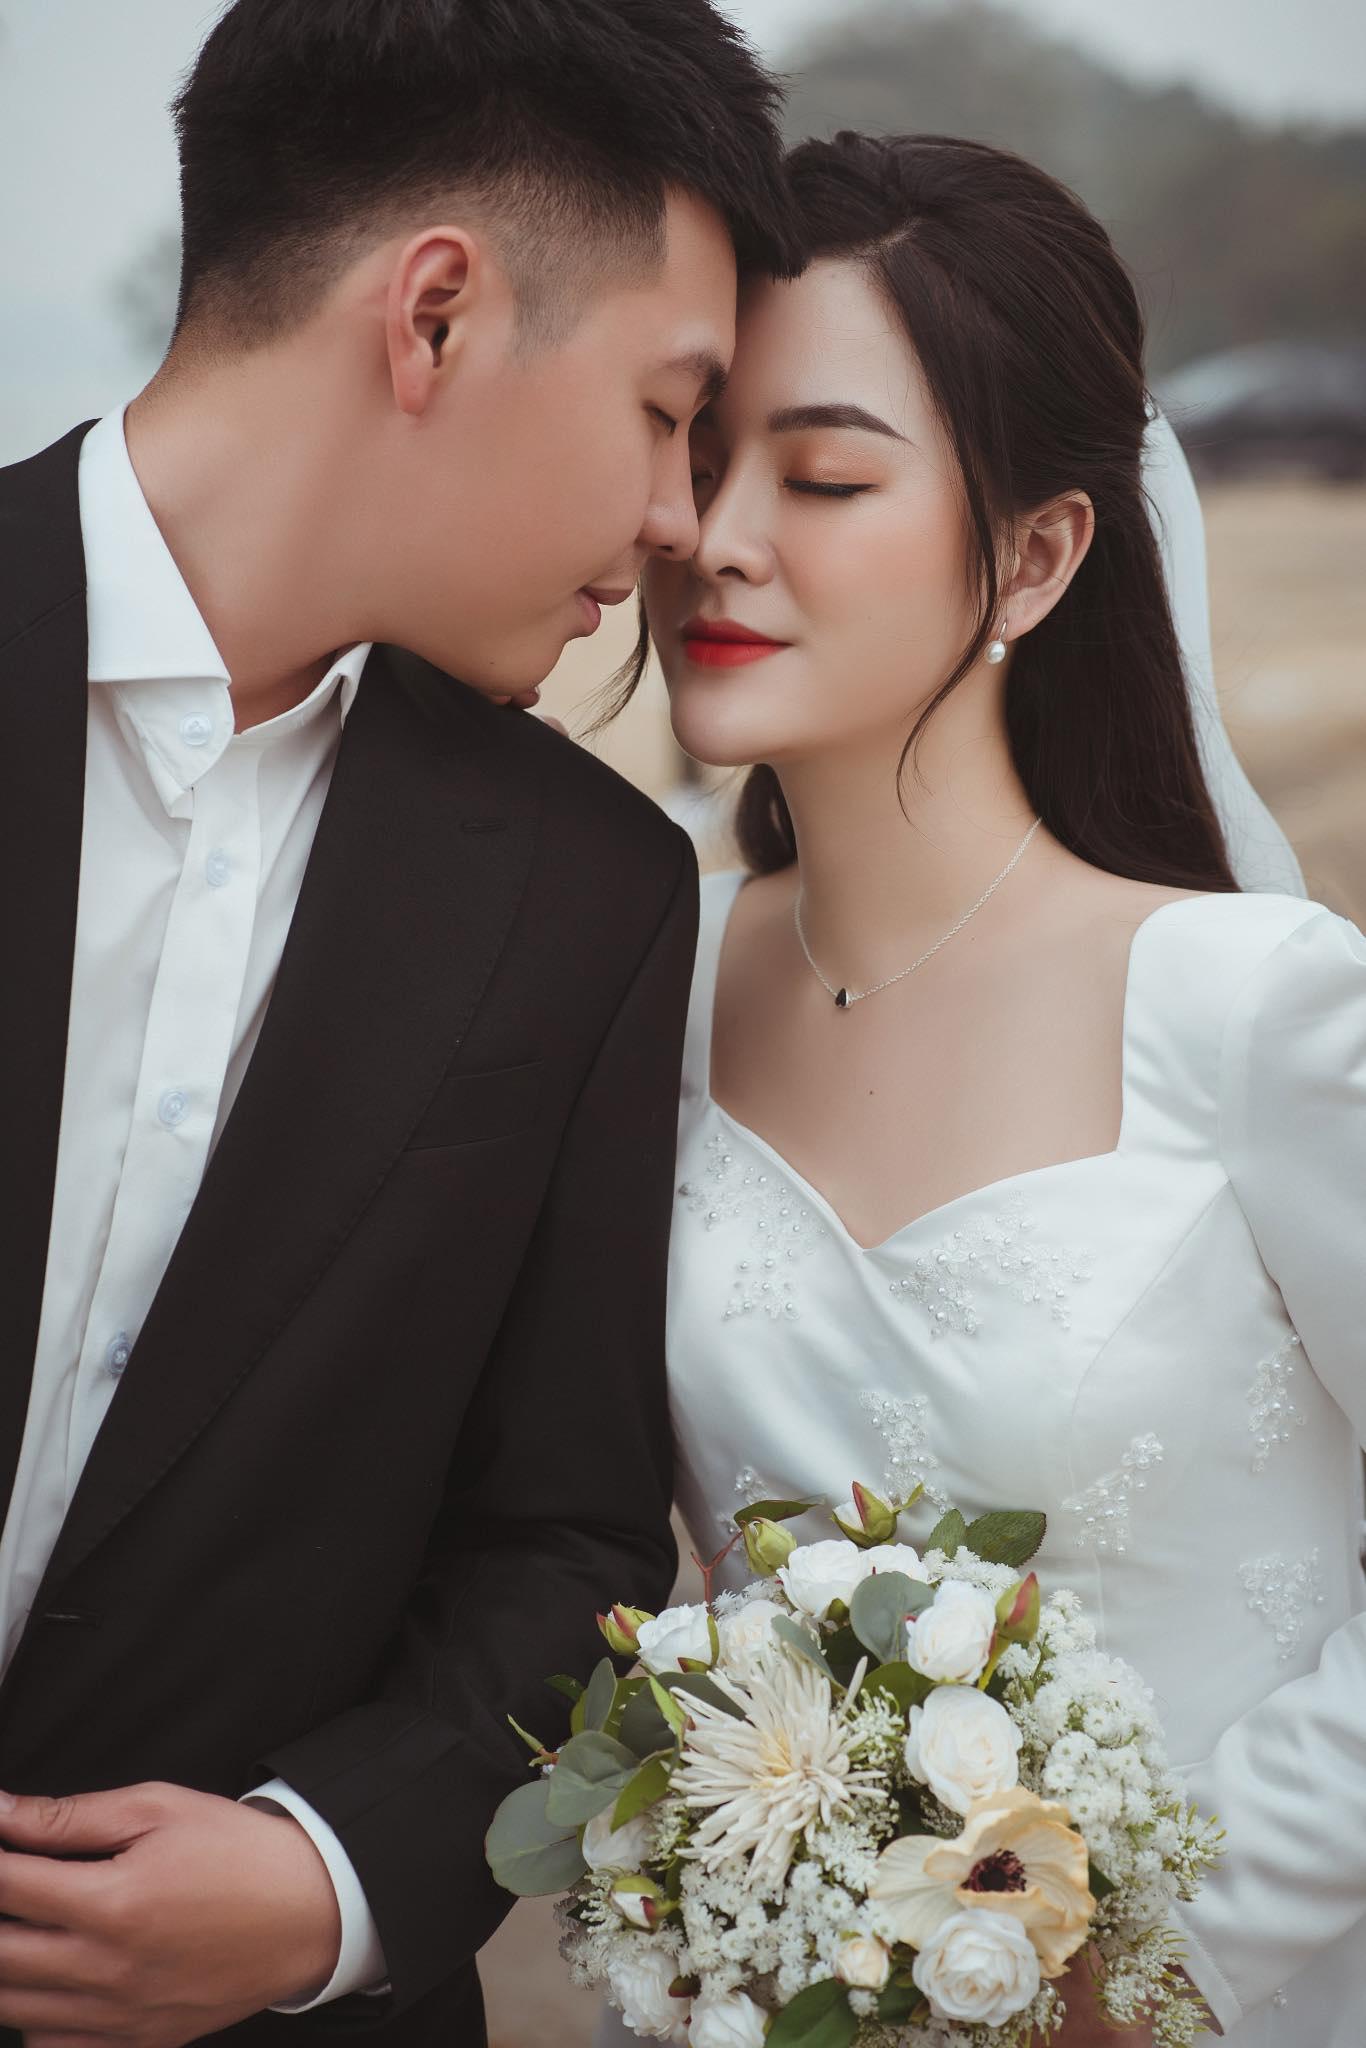 Cô dâu 9X xinh đẹp đeo vàng trĩu cổ, kín tay trong ngày cưới gây sốt mạng - 4